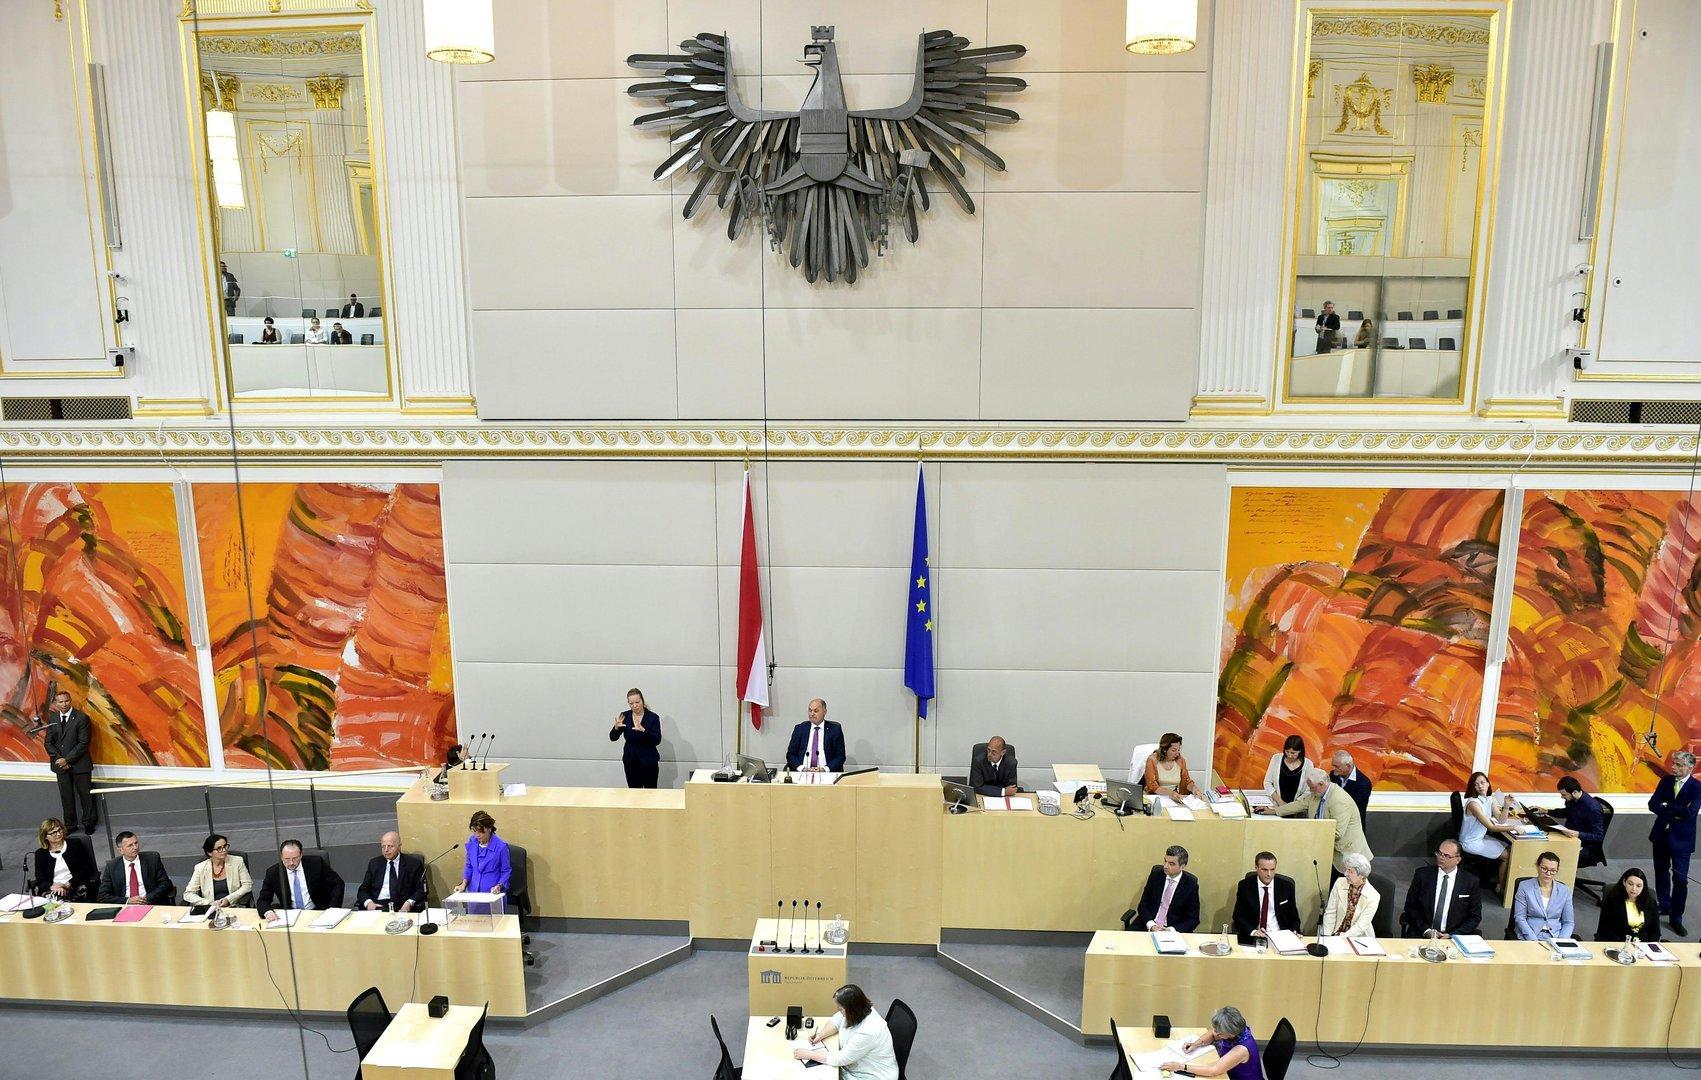 Heute im Parlament: Papamonat, Volksanwälte-Wahl und eine Auslieferung